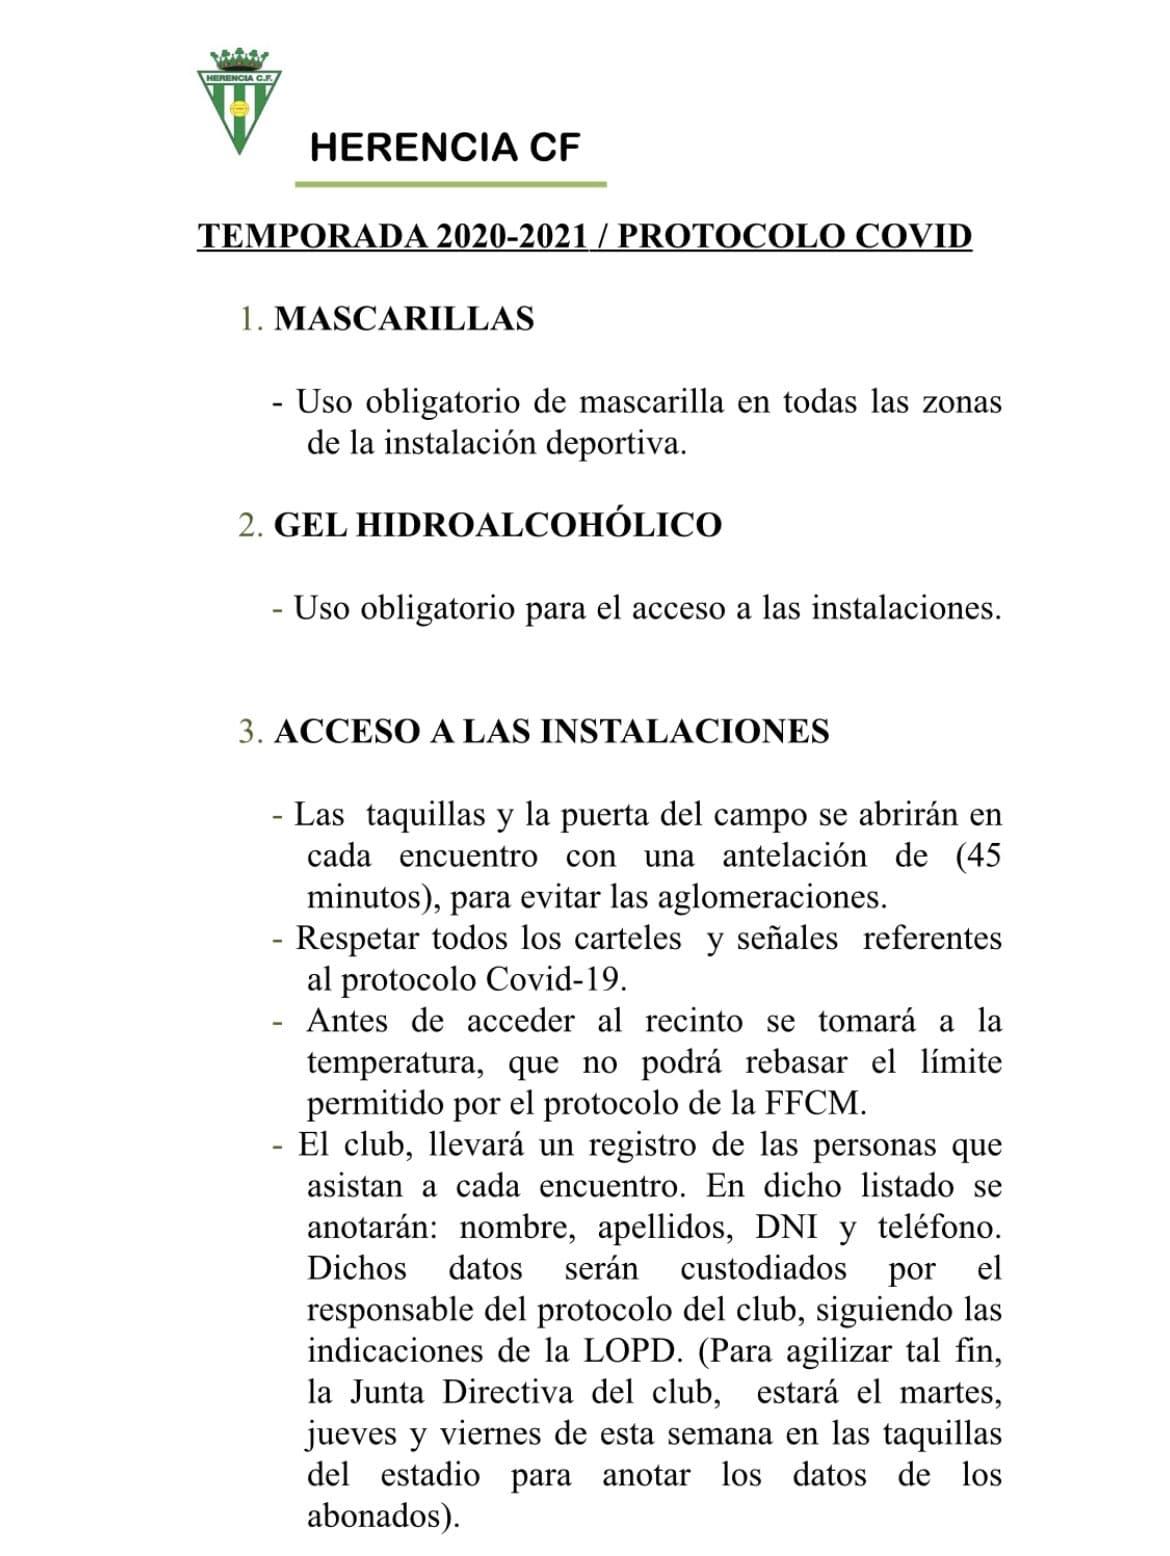 protocolo covid futbol herencia 1 - Vuelve el fútbol al Fernández de la Puebla en Herencia este fin de semana